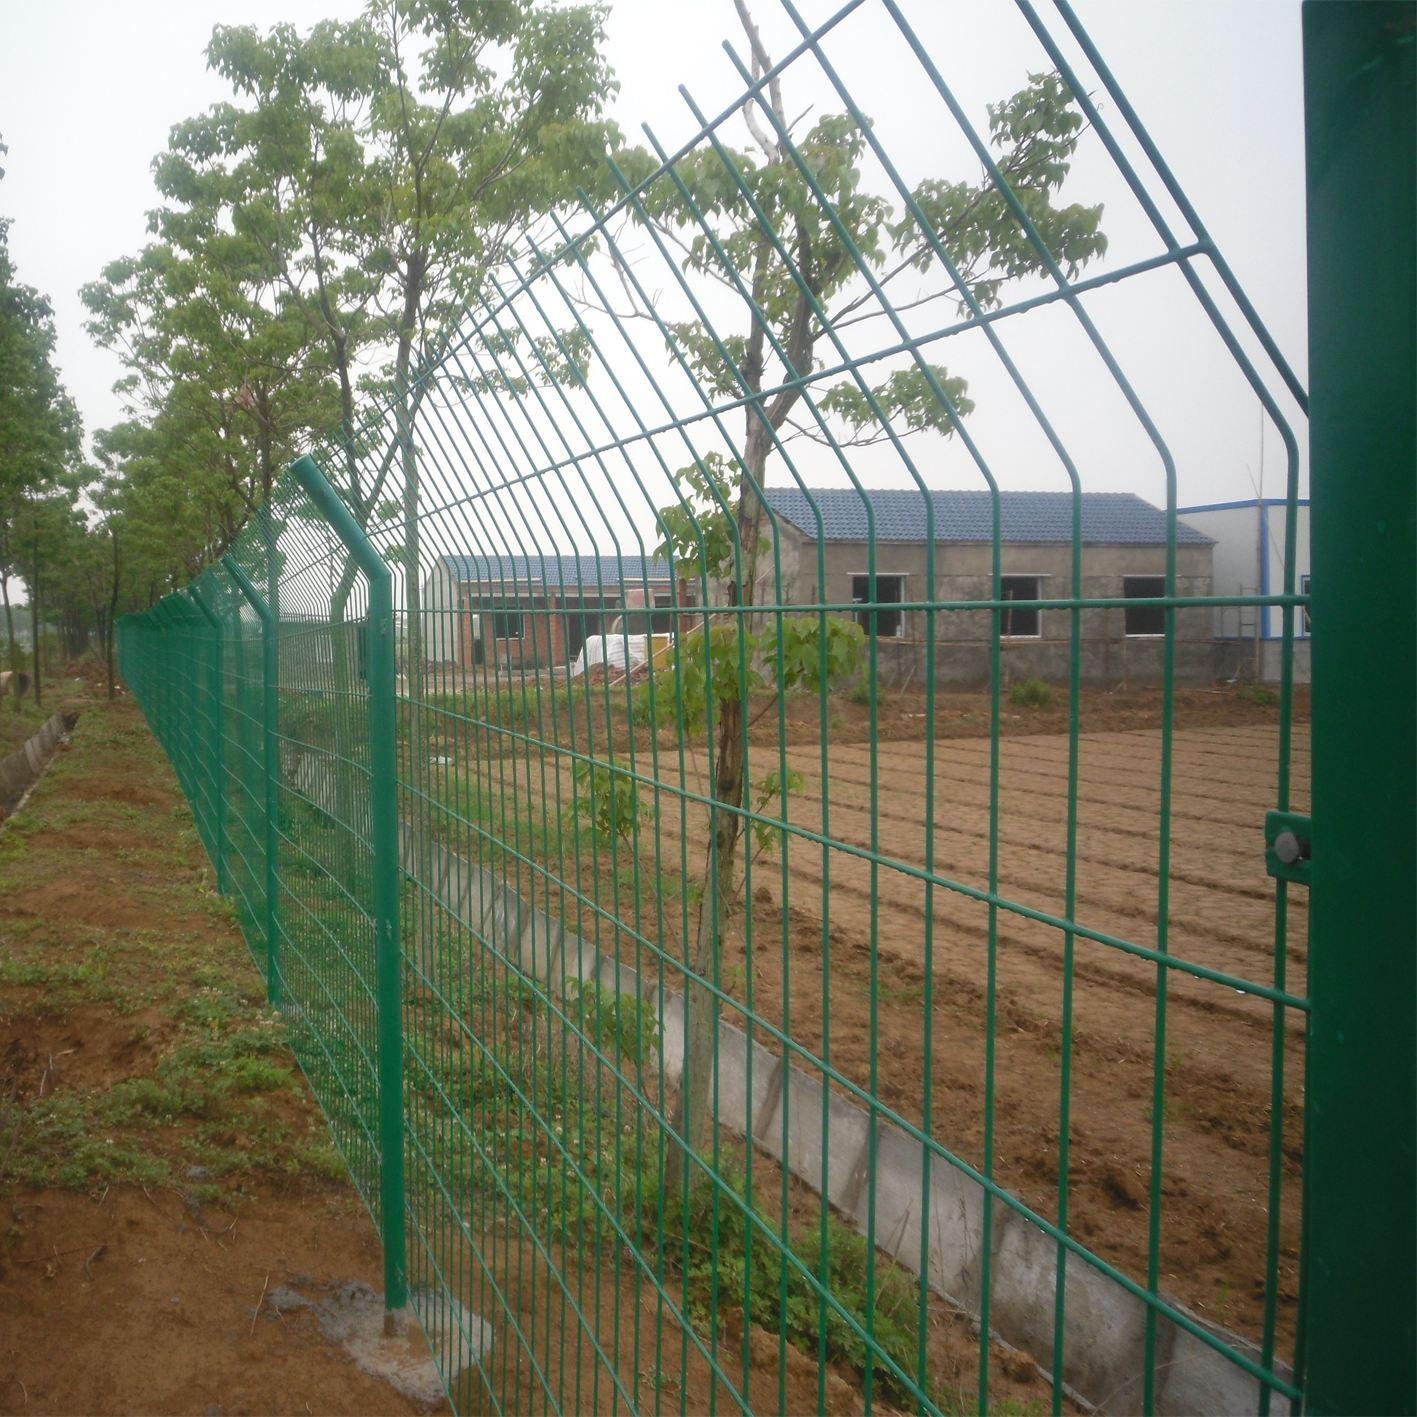 鹰潭铁质护栏 鹰潭市围树护栏 鹰潭市围电站护栏铁丝网